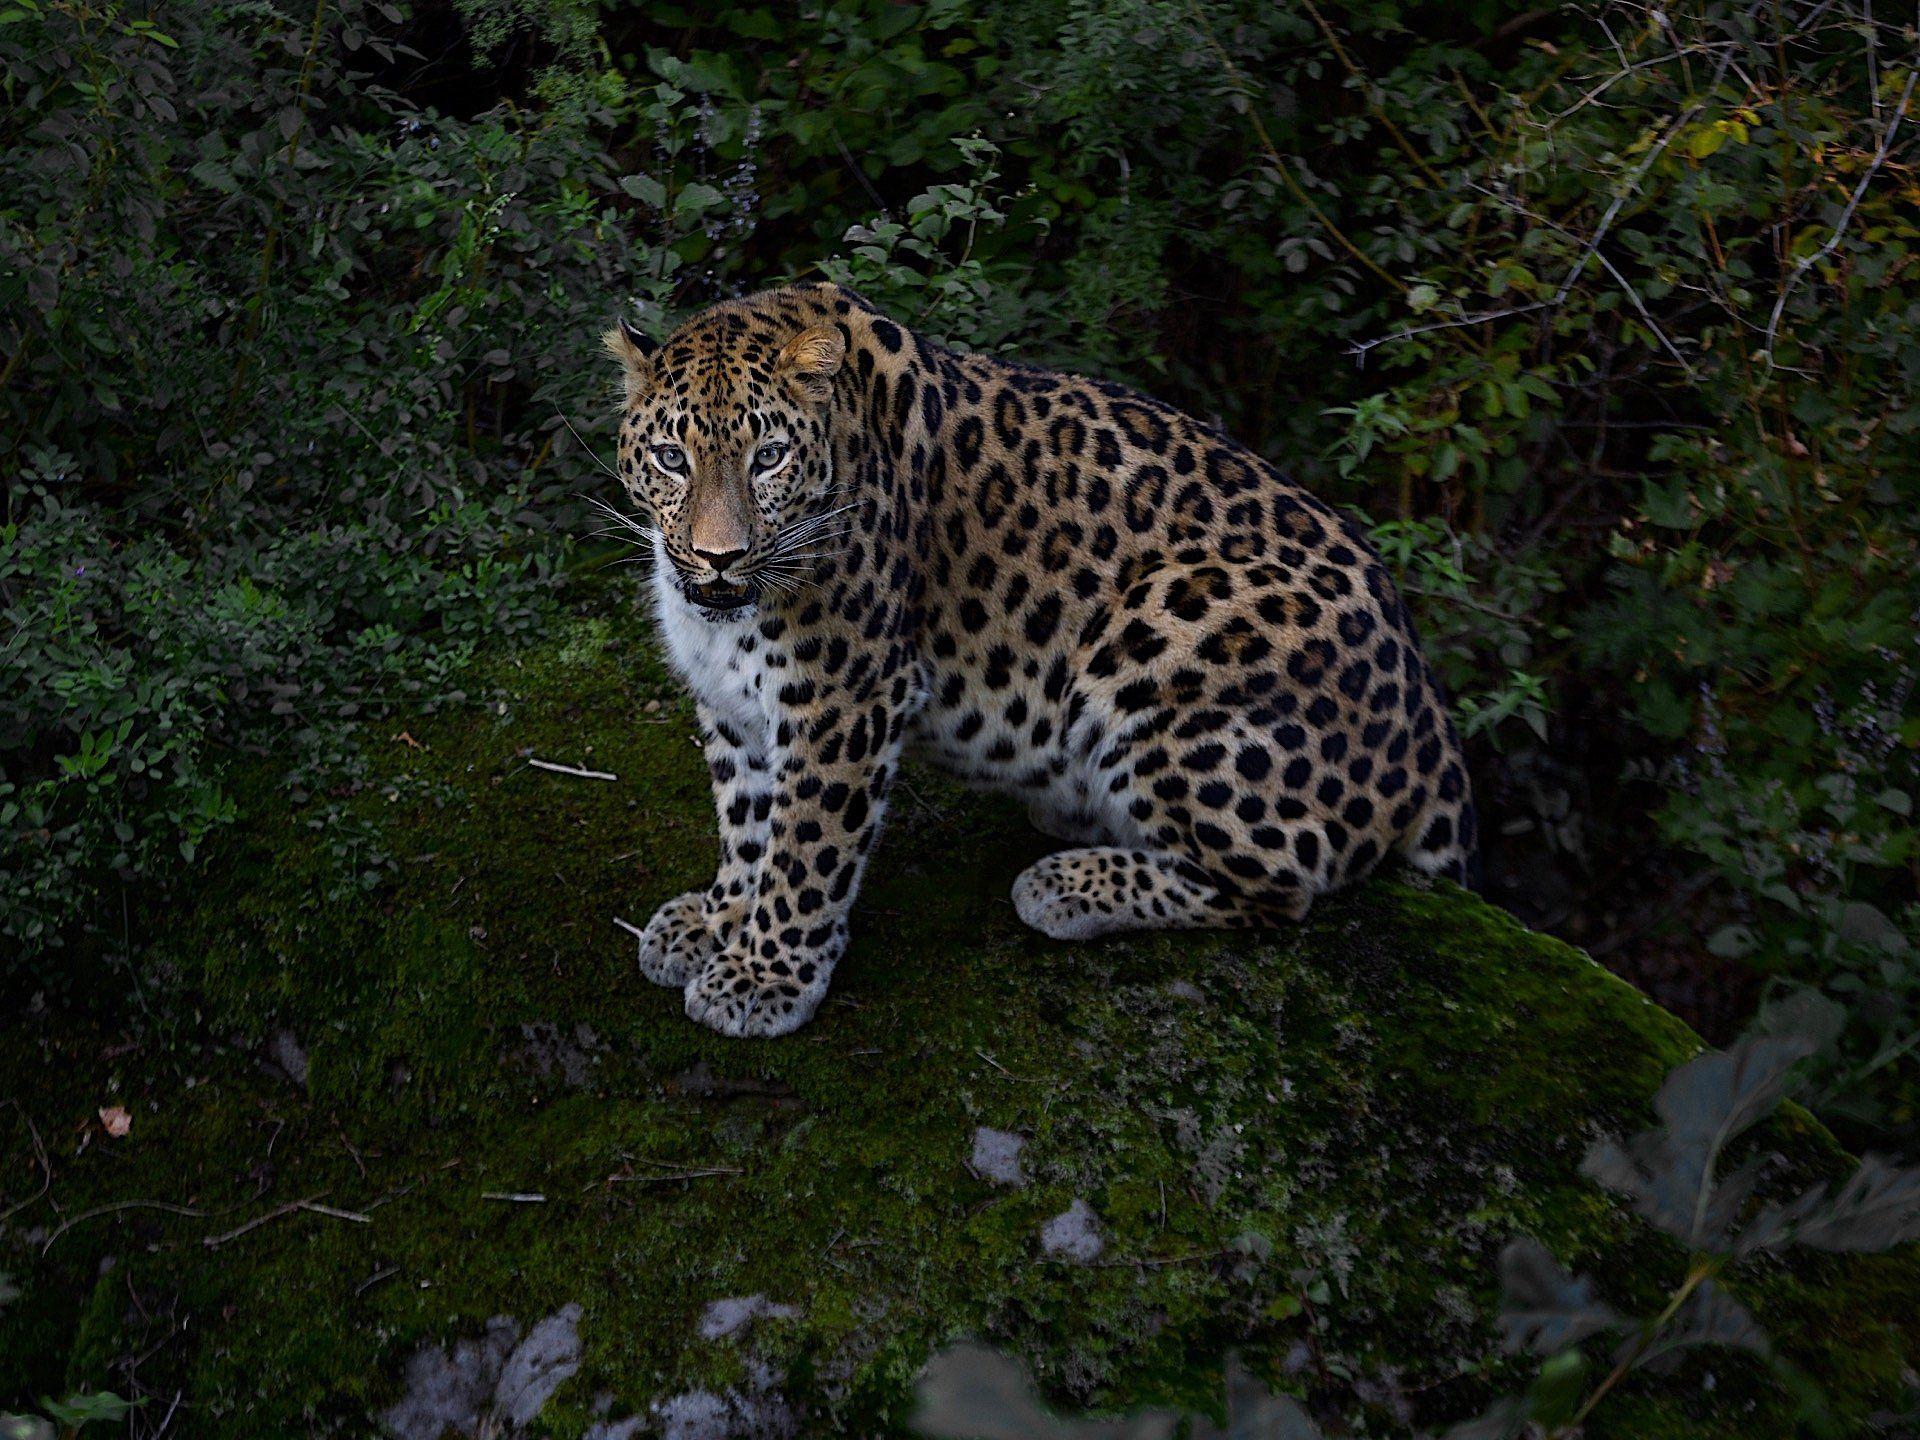 приморье,россия,амурский леопард,природа,скала, Мазурин Евгений